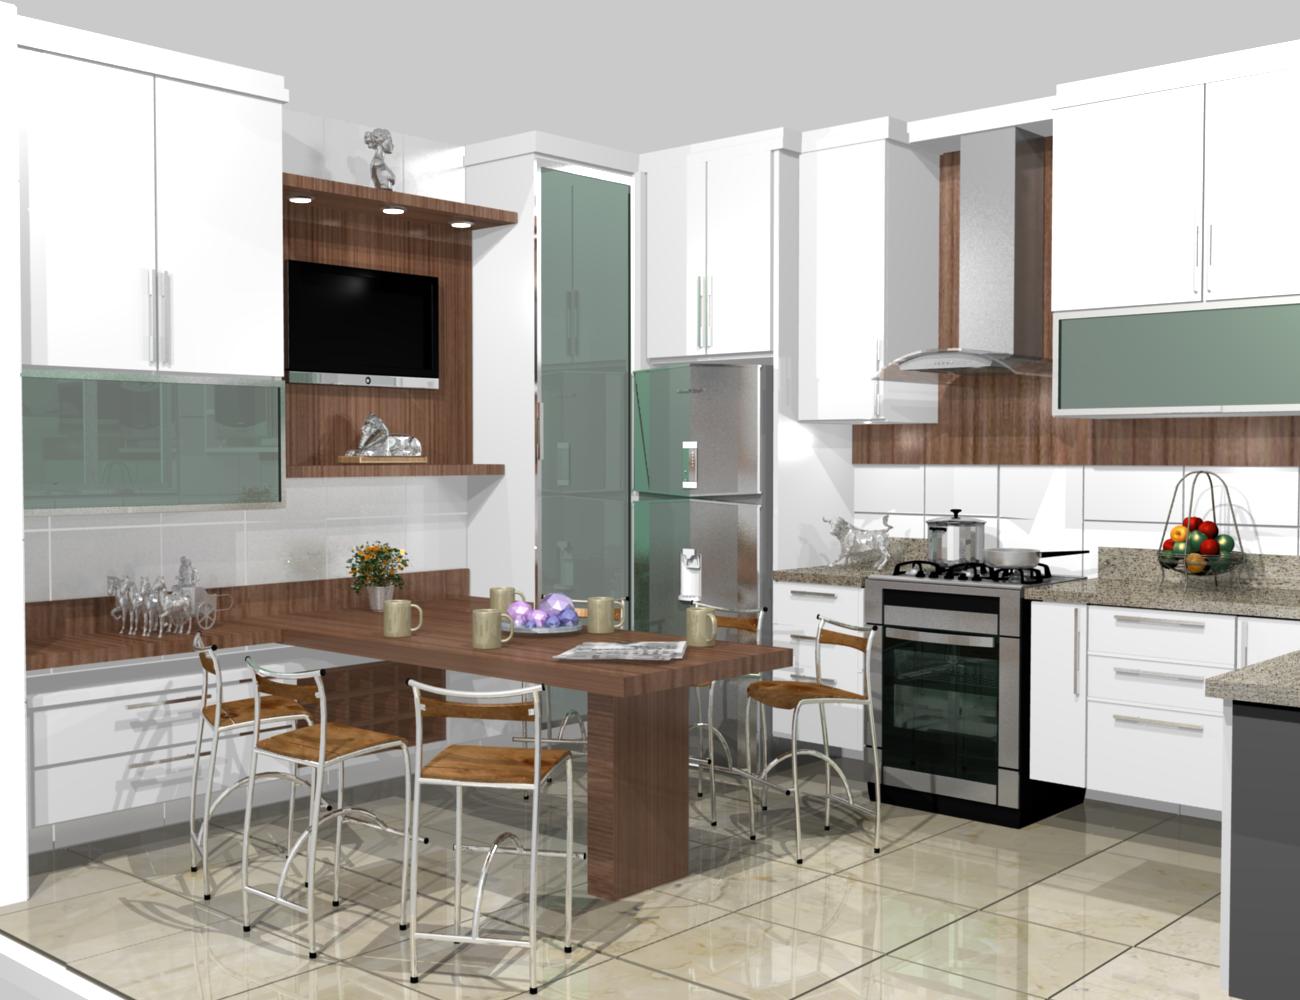 Cozinha Pequena Em L Decorada E Com Projeto De Iluminao HD Walls  #644A39 1300 1000